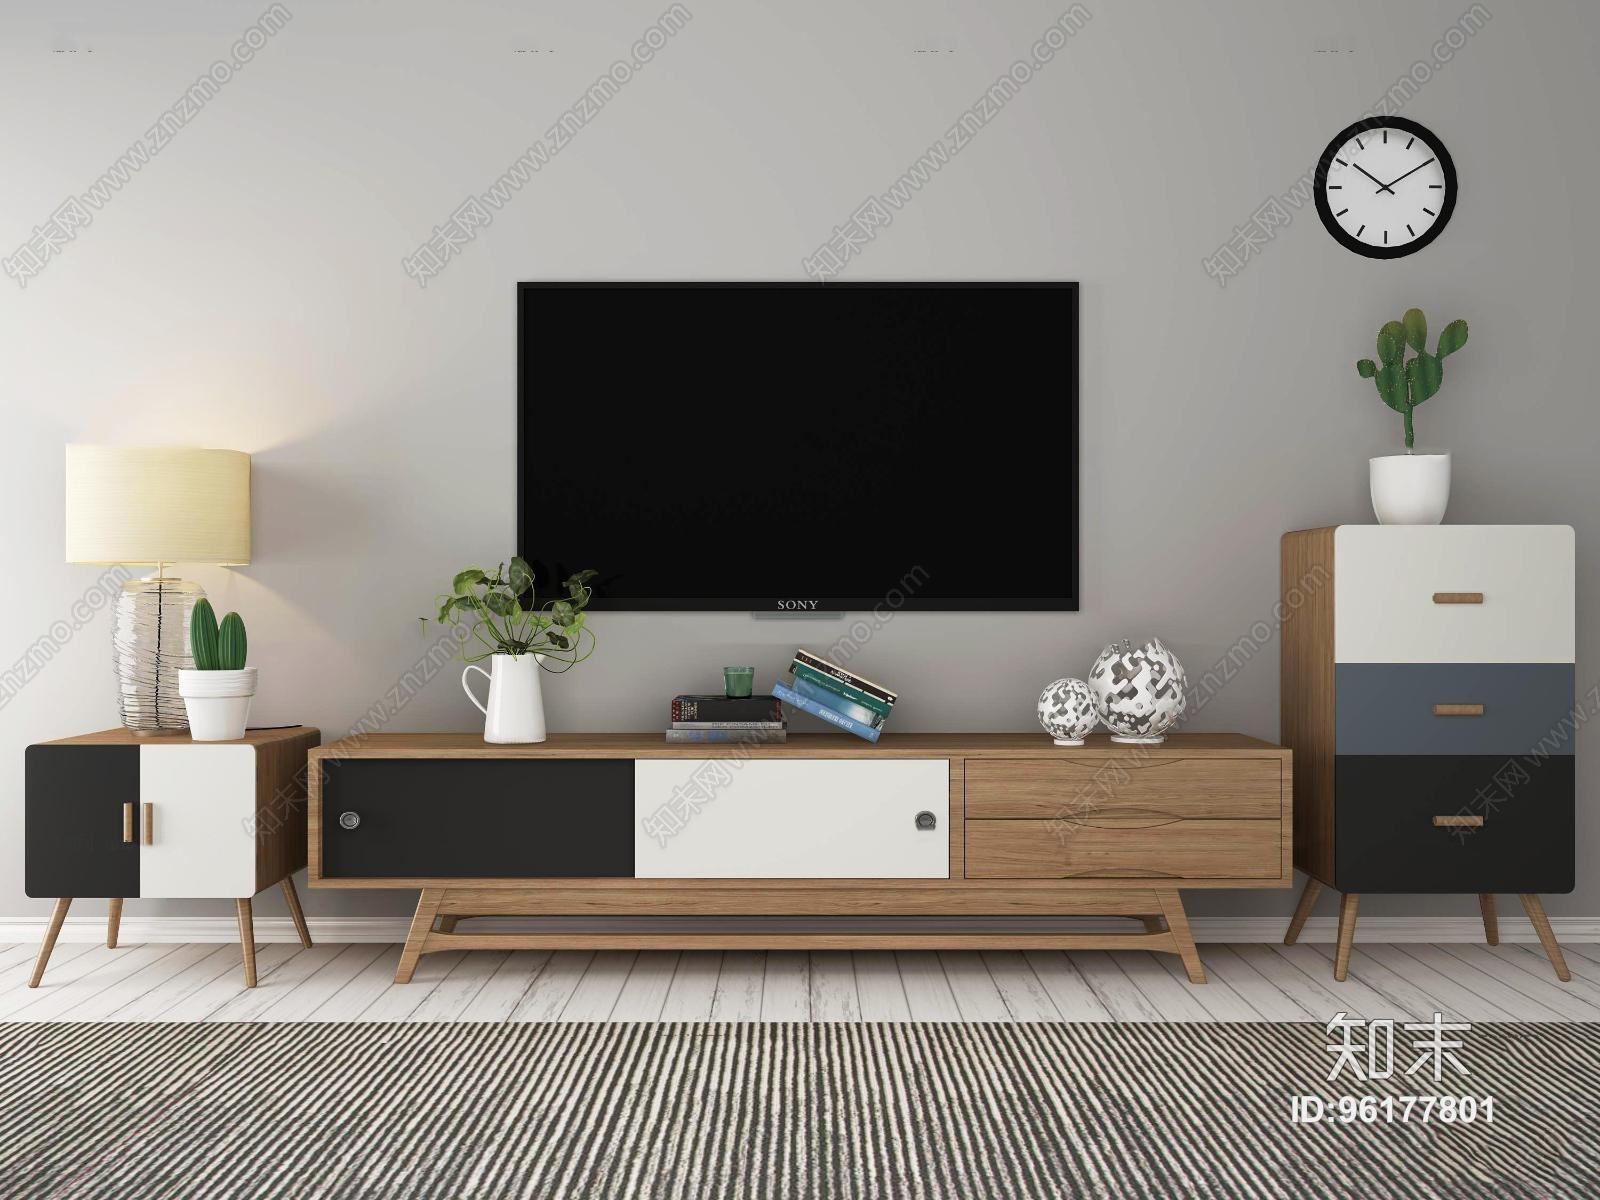 北欧实木电视柜显示器边柜斗柜台灯摆件3D模型3D模型下载【ID:96177801】